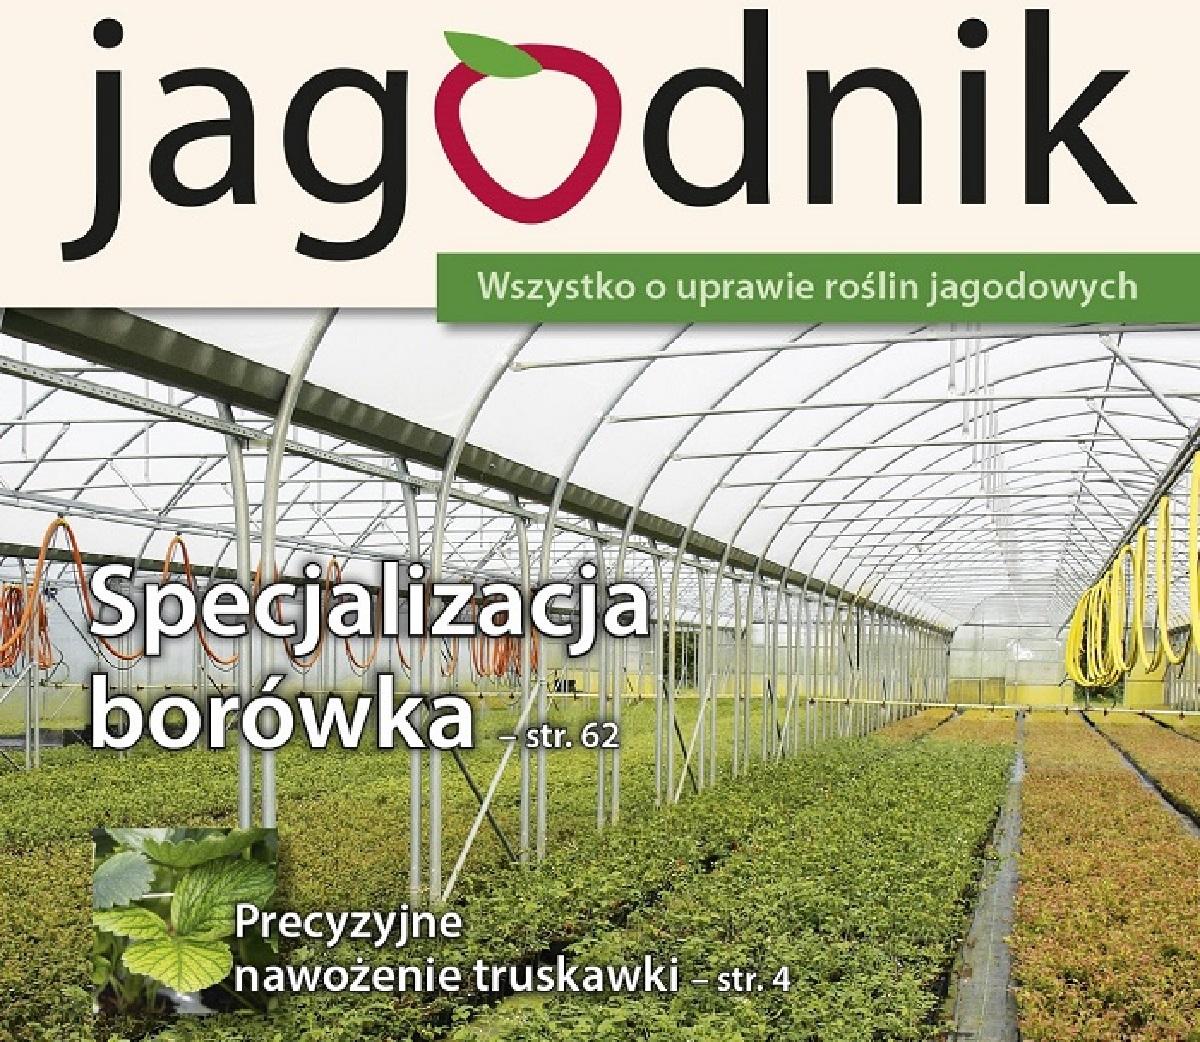 jagodnik, czasopismo o uprawie truskawek, malin porzeczek, agrestu